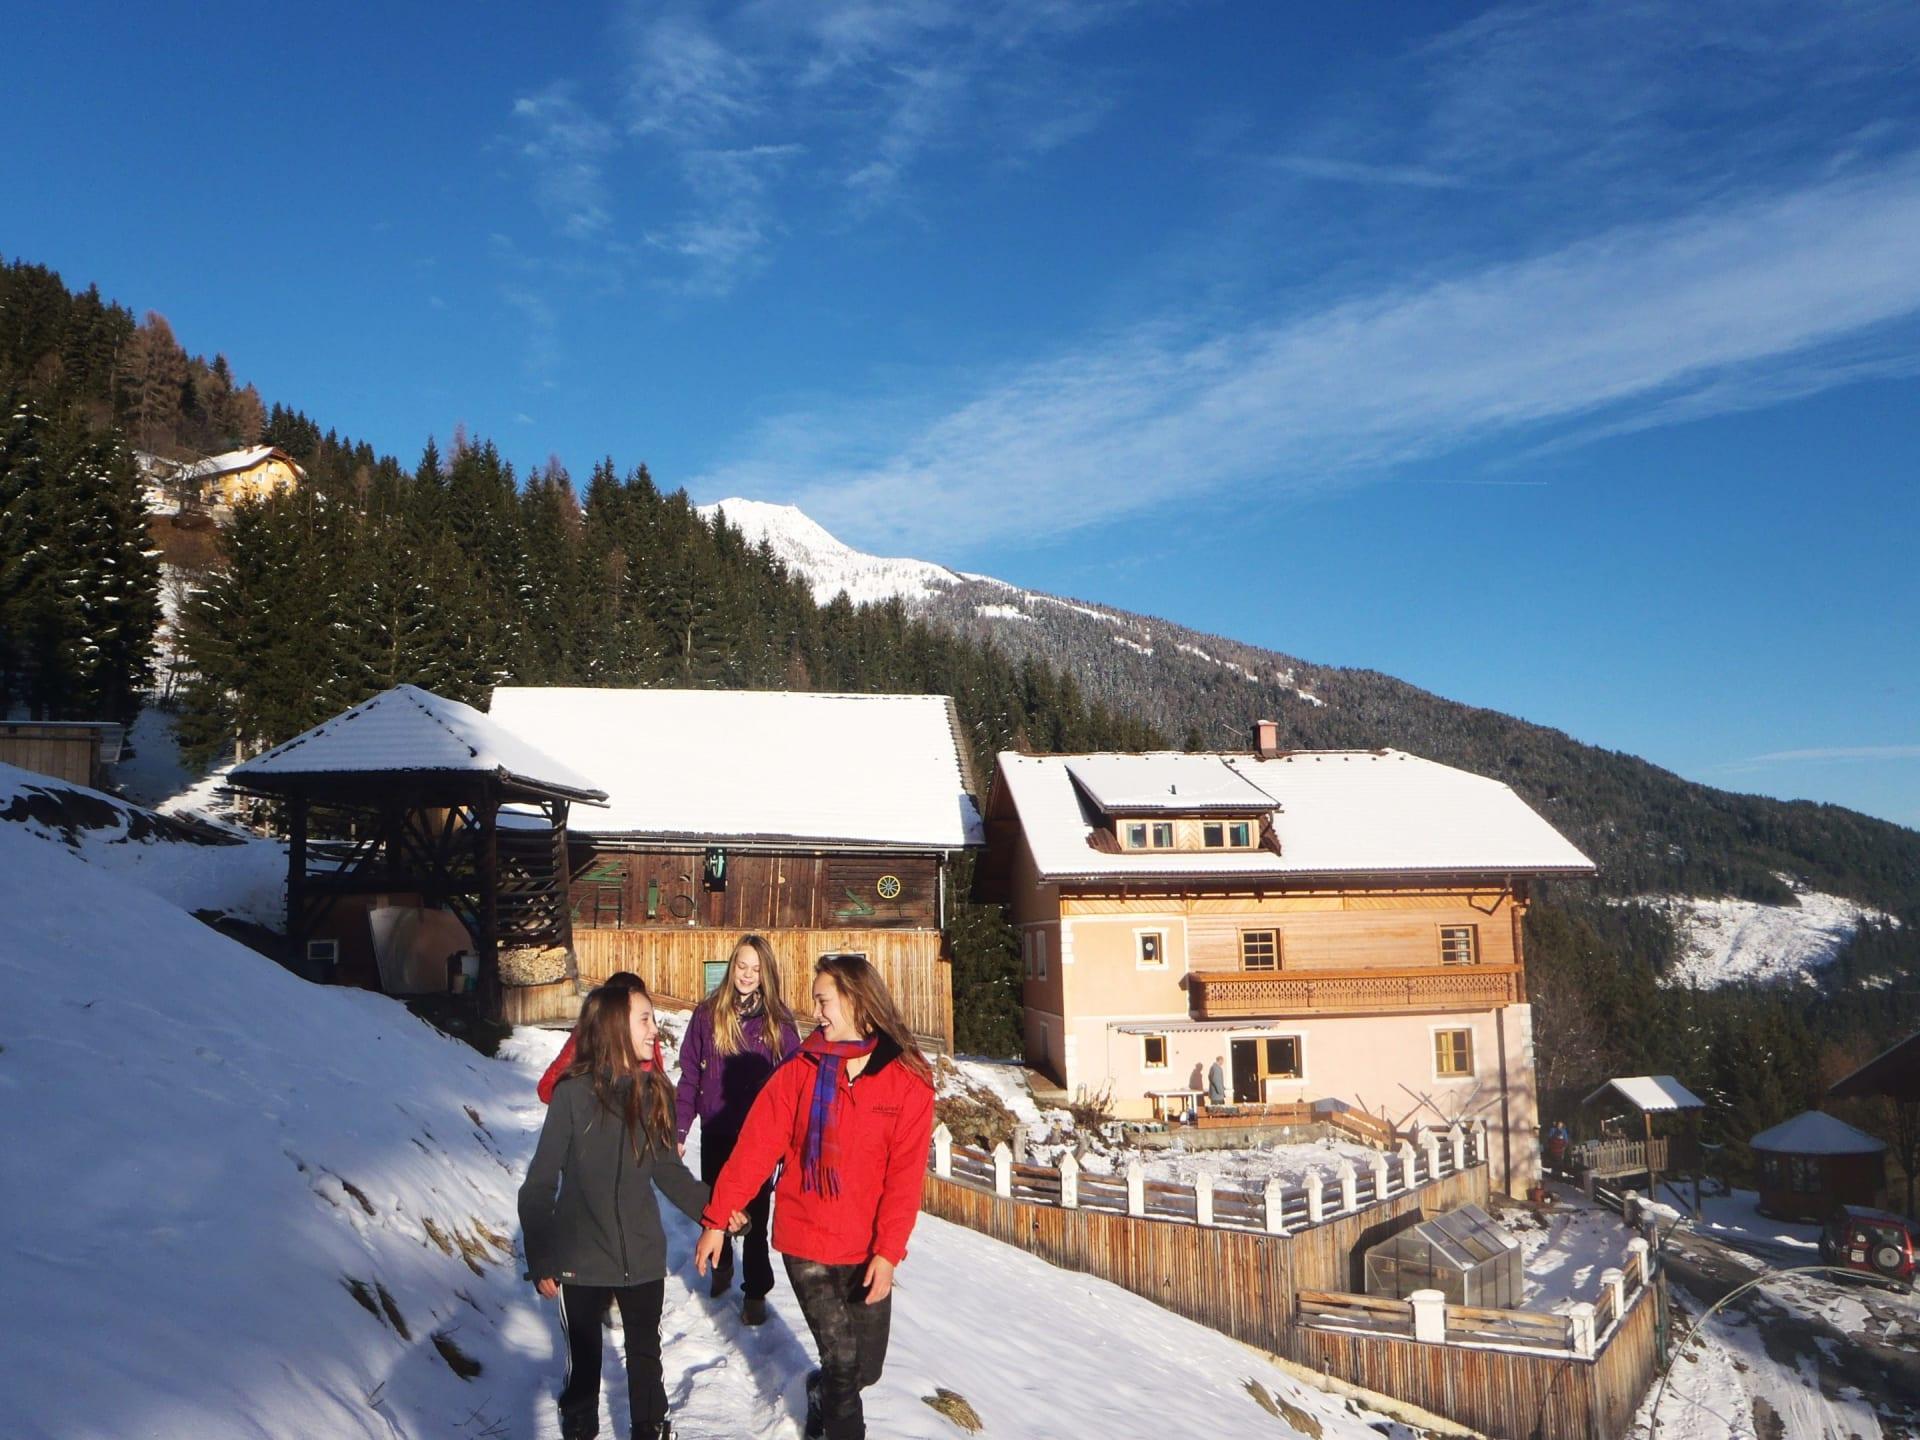 Winterspass für große Schneemengen empfehlen wir Schneeschuhwandern!